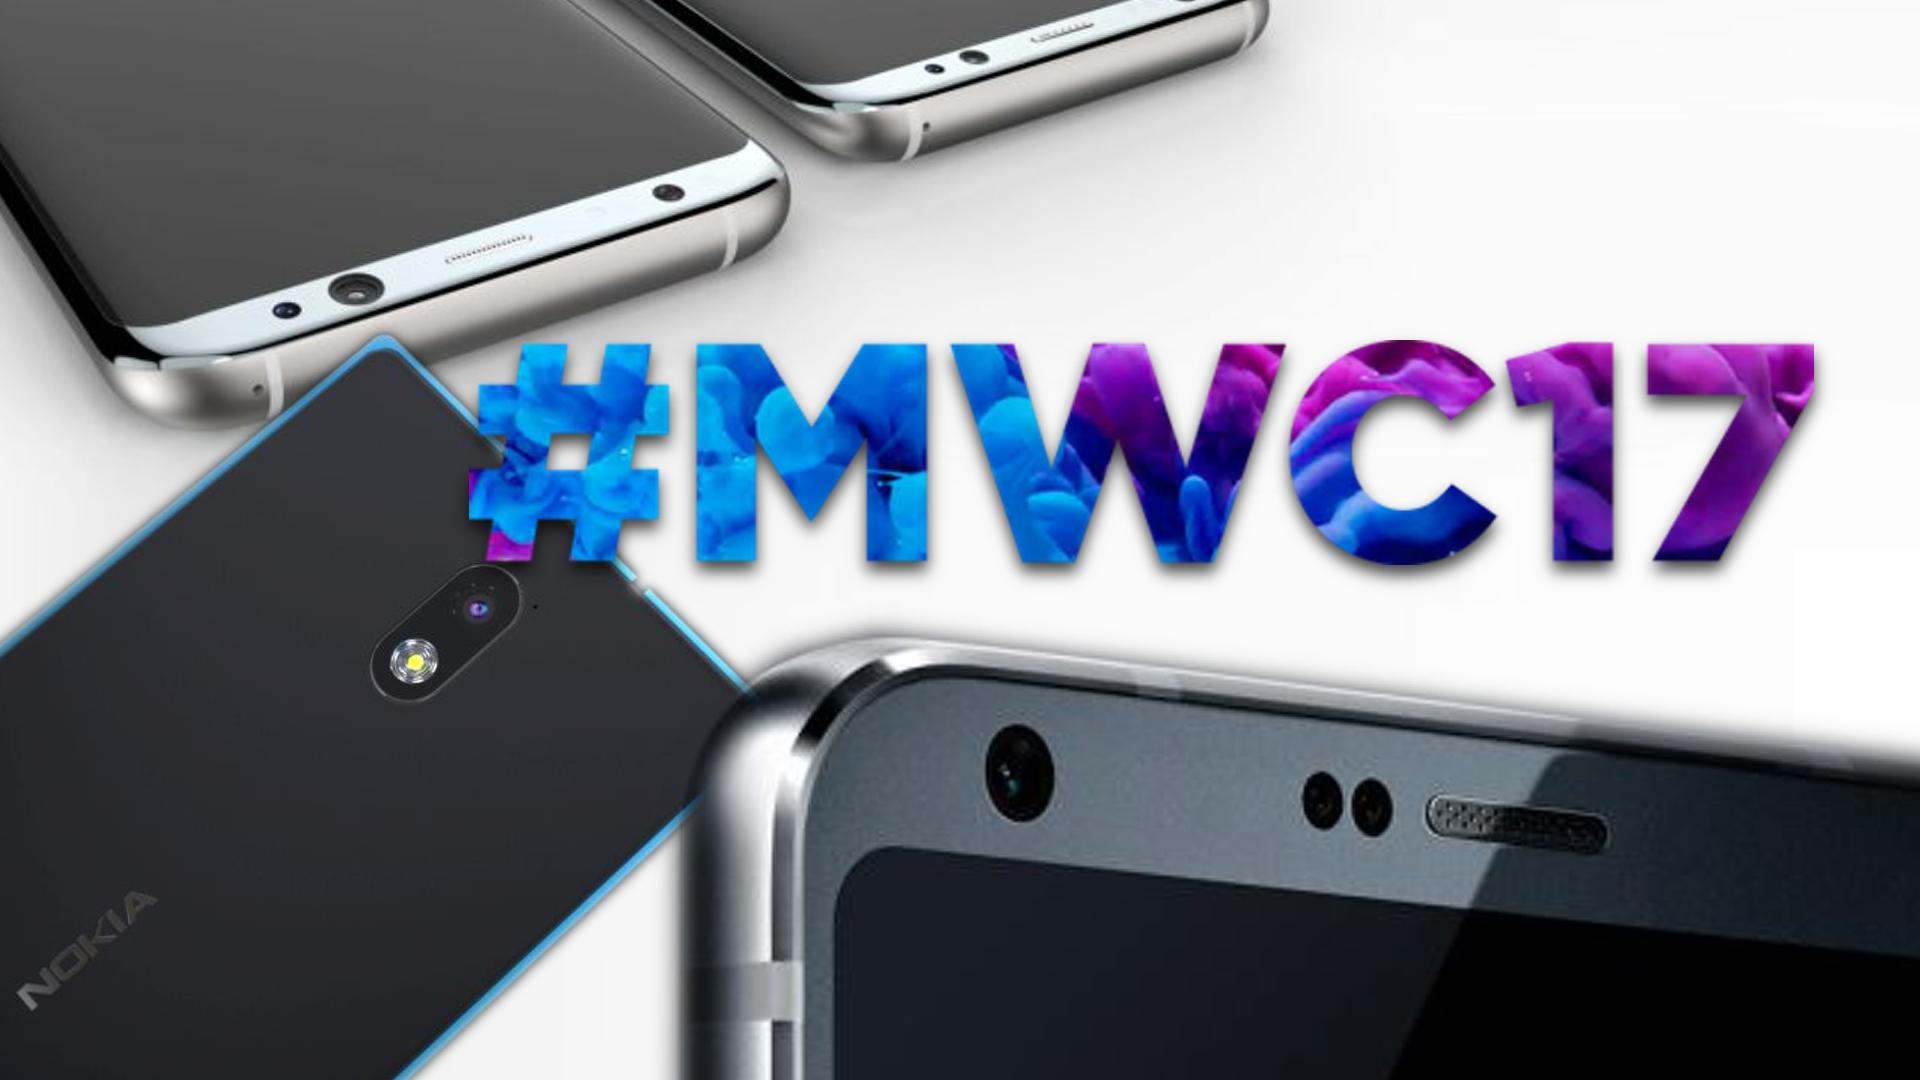 mwc 2017 vorschau - Đánh giá MWC 2017: Tốt, Xấu và Xuẩn ngốc